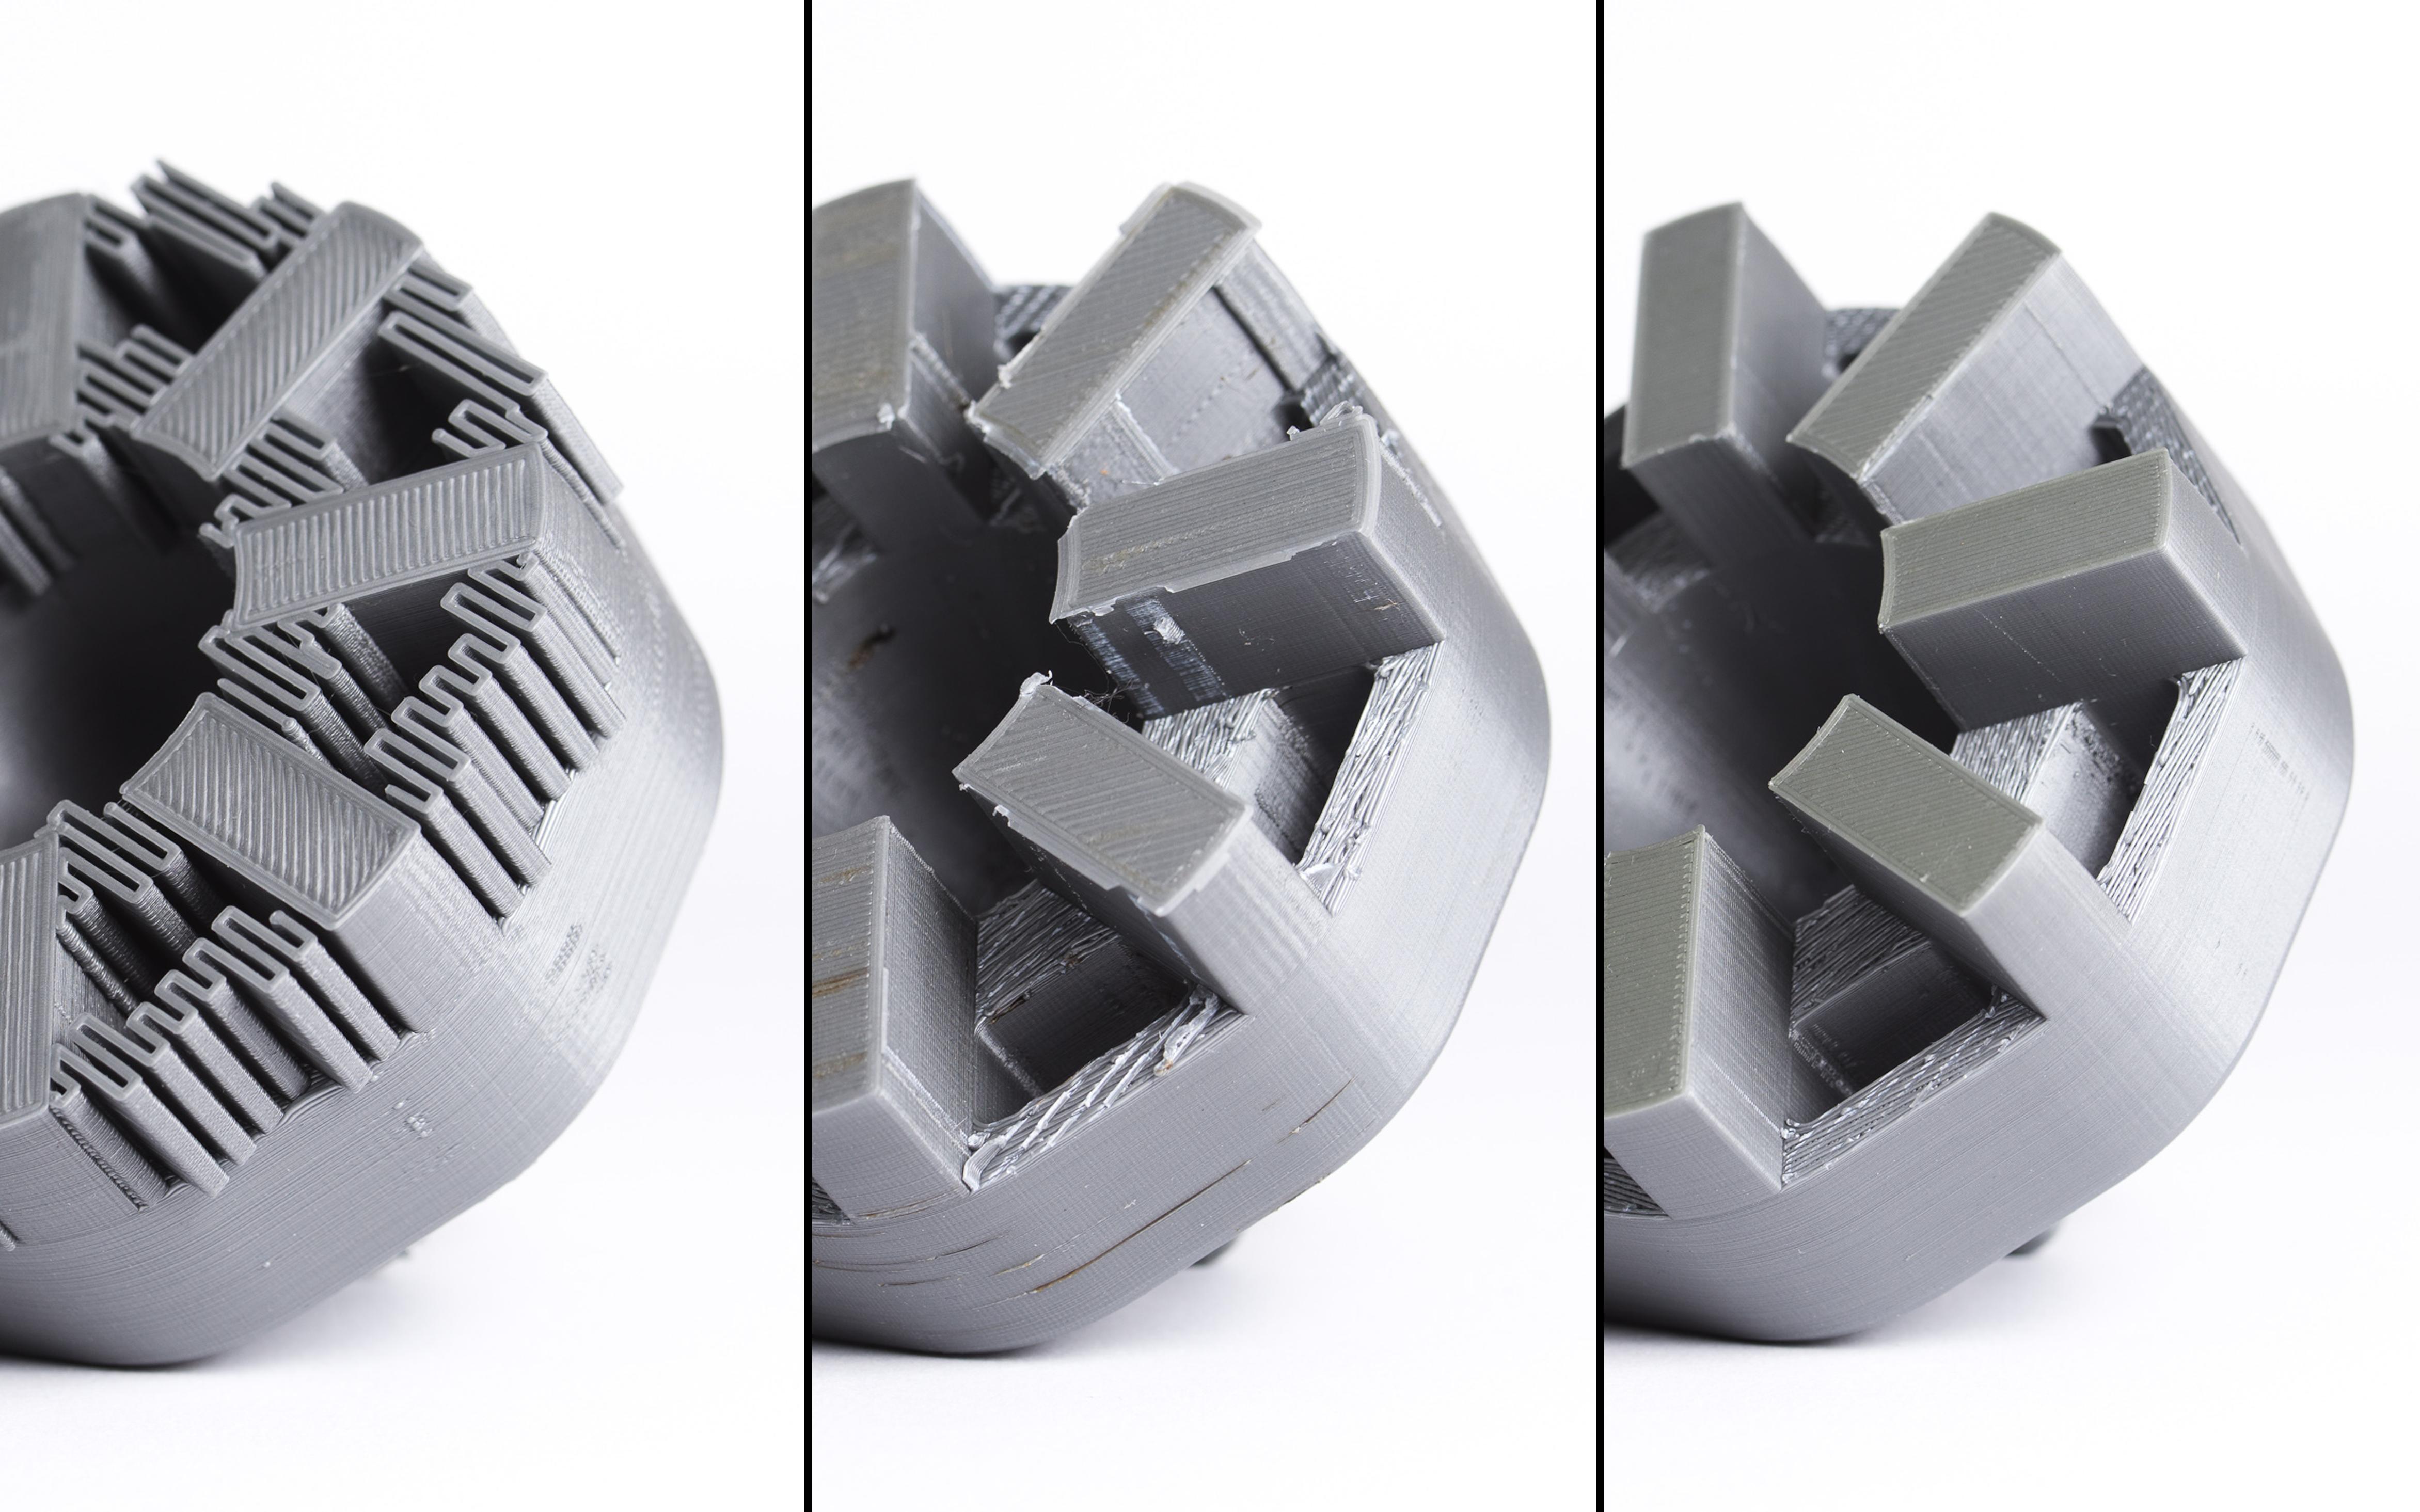 جدا کردن ساپورت های استاندارد از قطعات پرینت سه بعدی شده با تکنولوژی پرینت سه بعدی FDM (فیلامنتی)